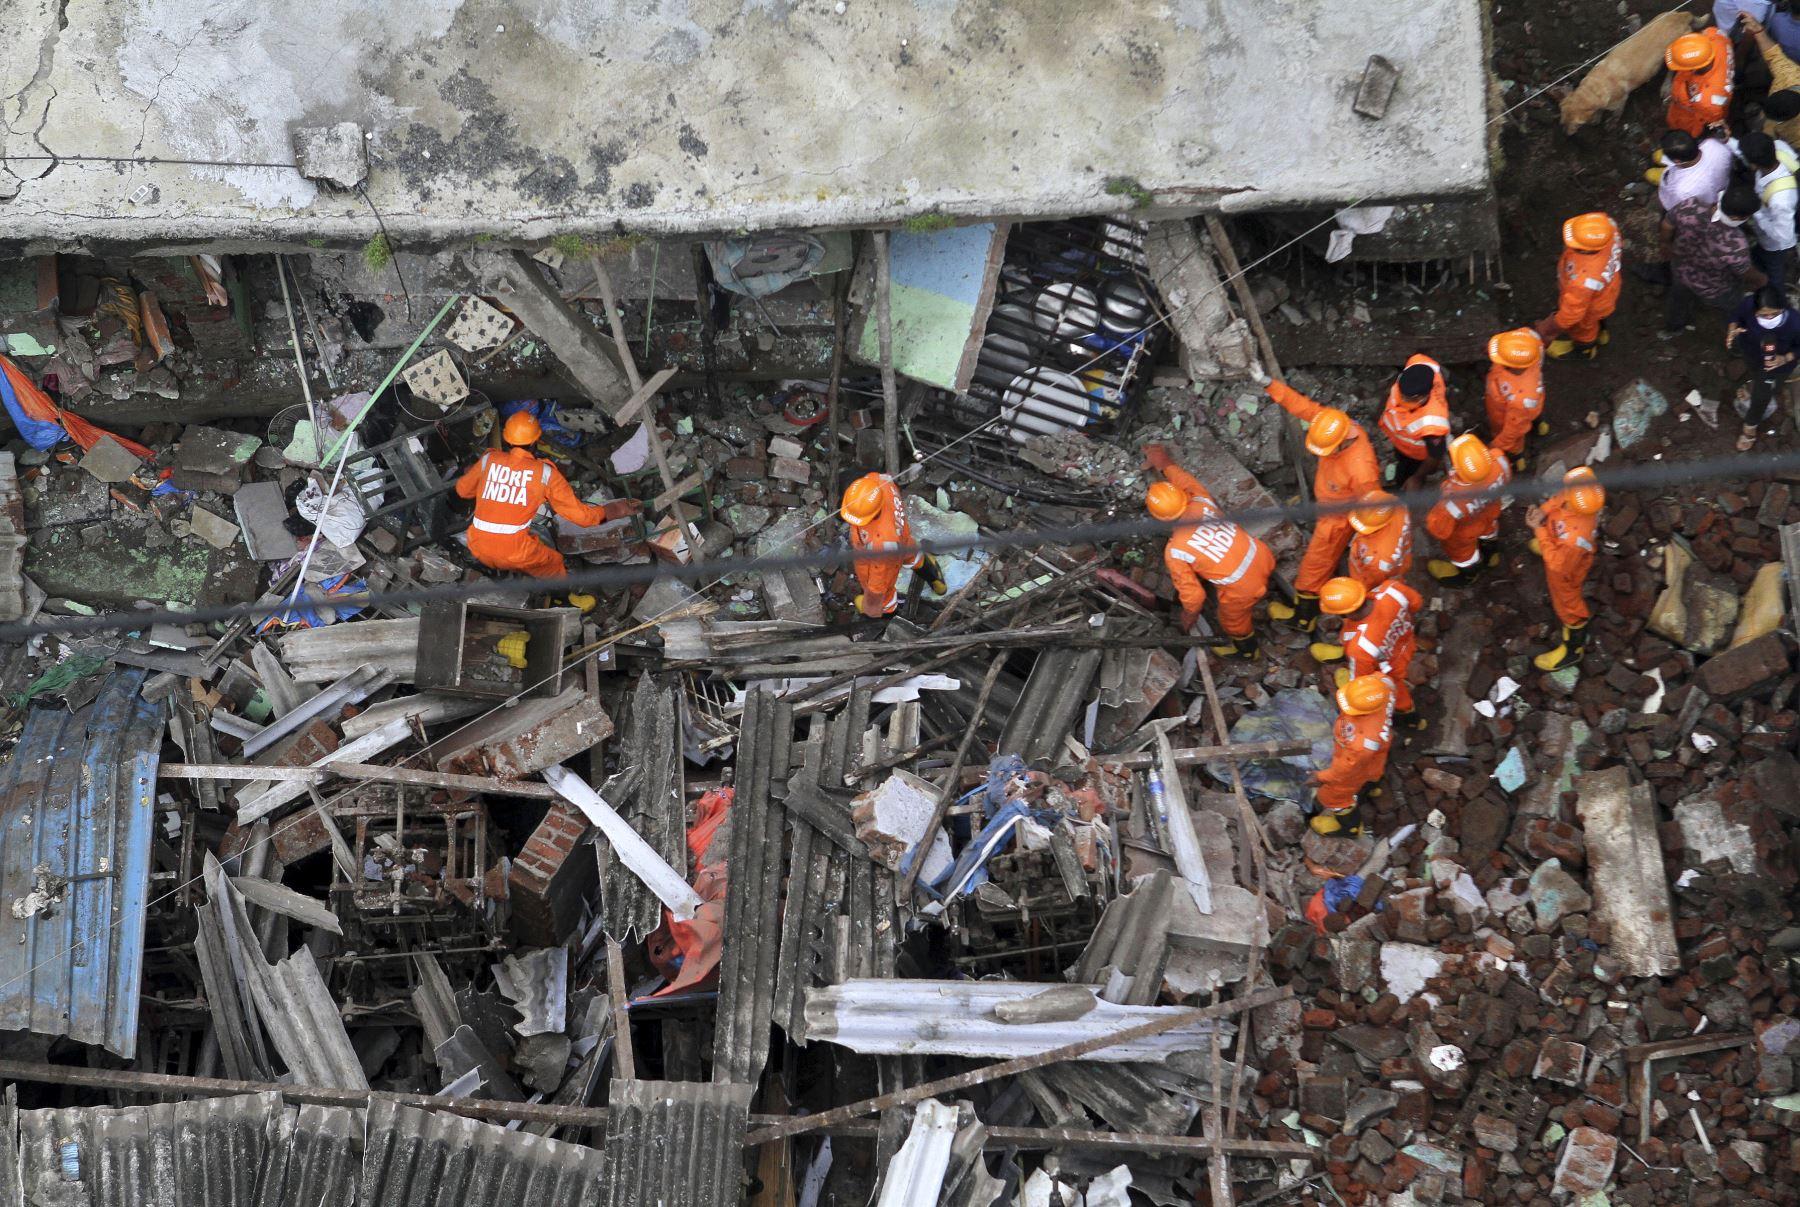 Rescatistas buscan sobrevivientes entre los escombros de un edificio residencial de tres pisos colapsado, en Bhiwandi, India. Foto: AFP